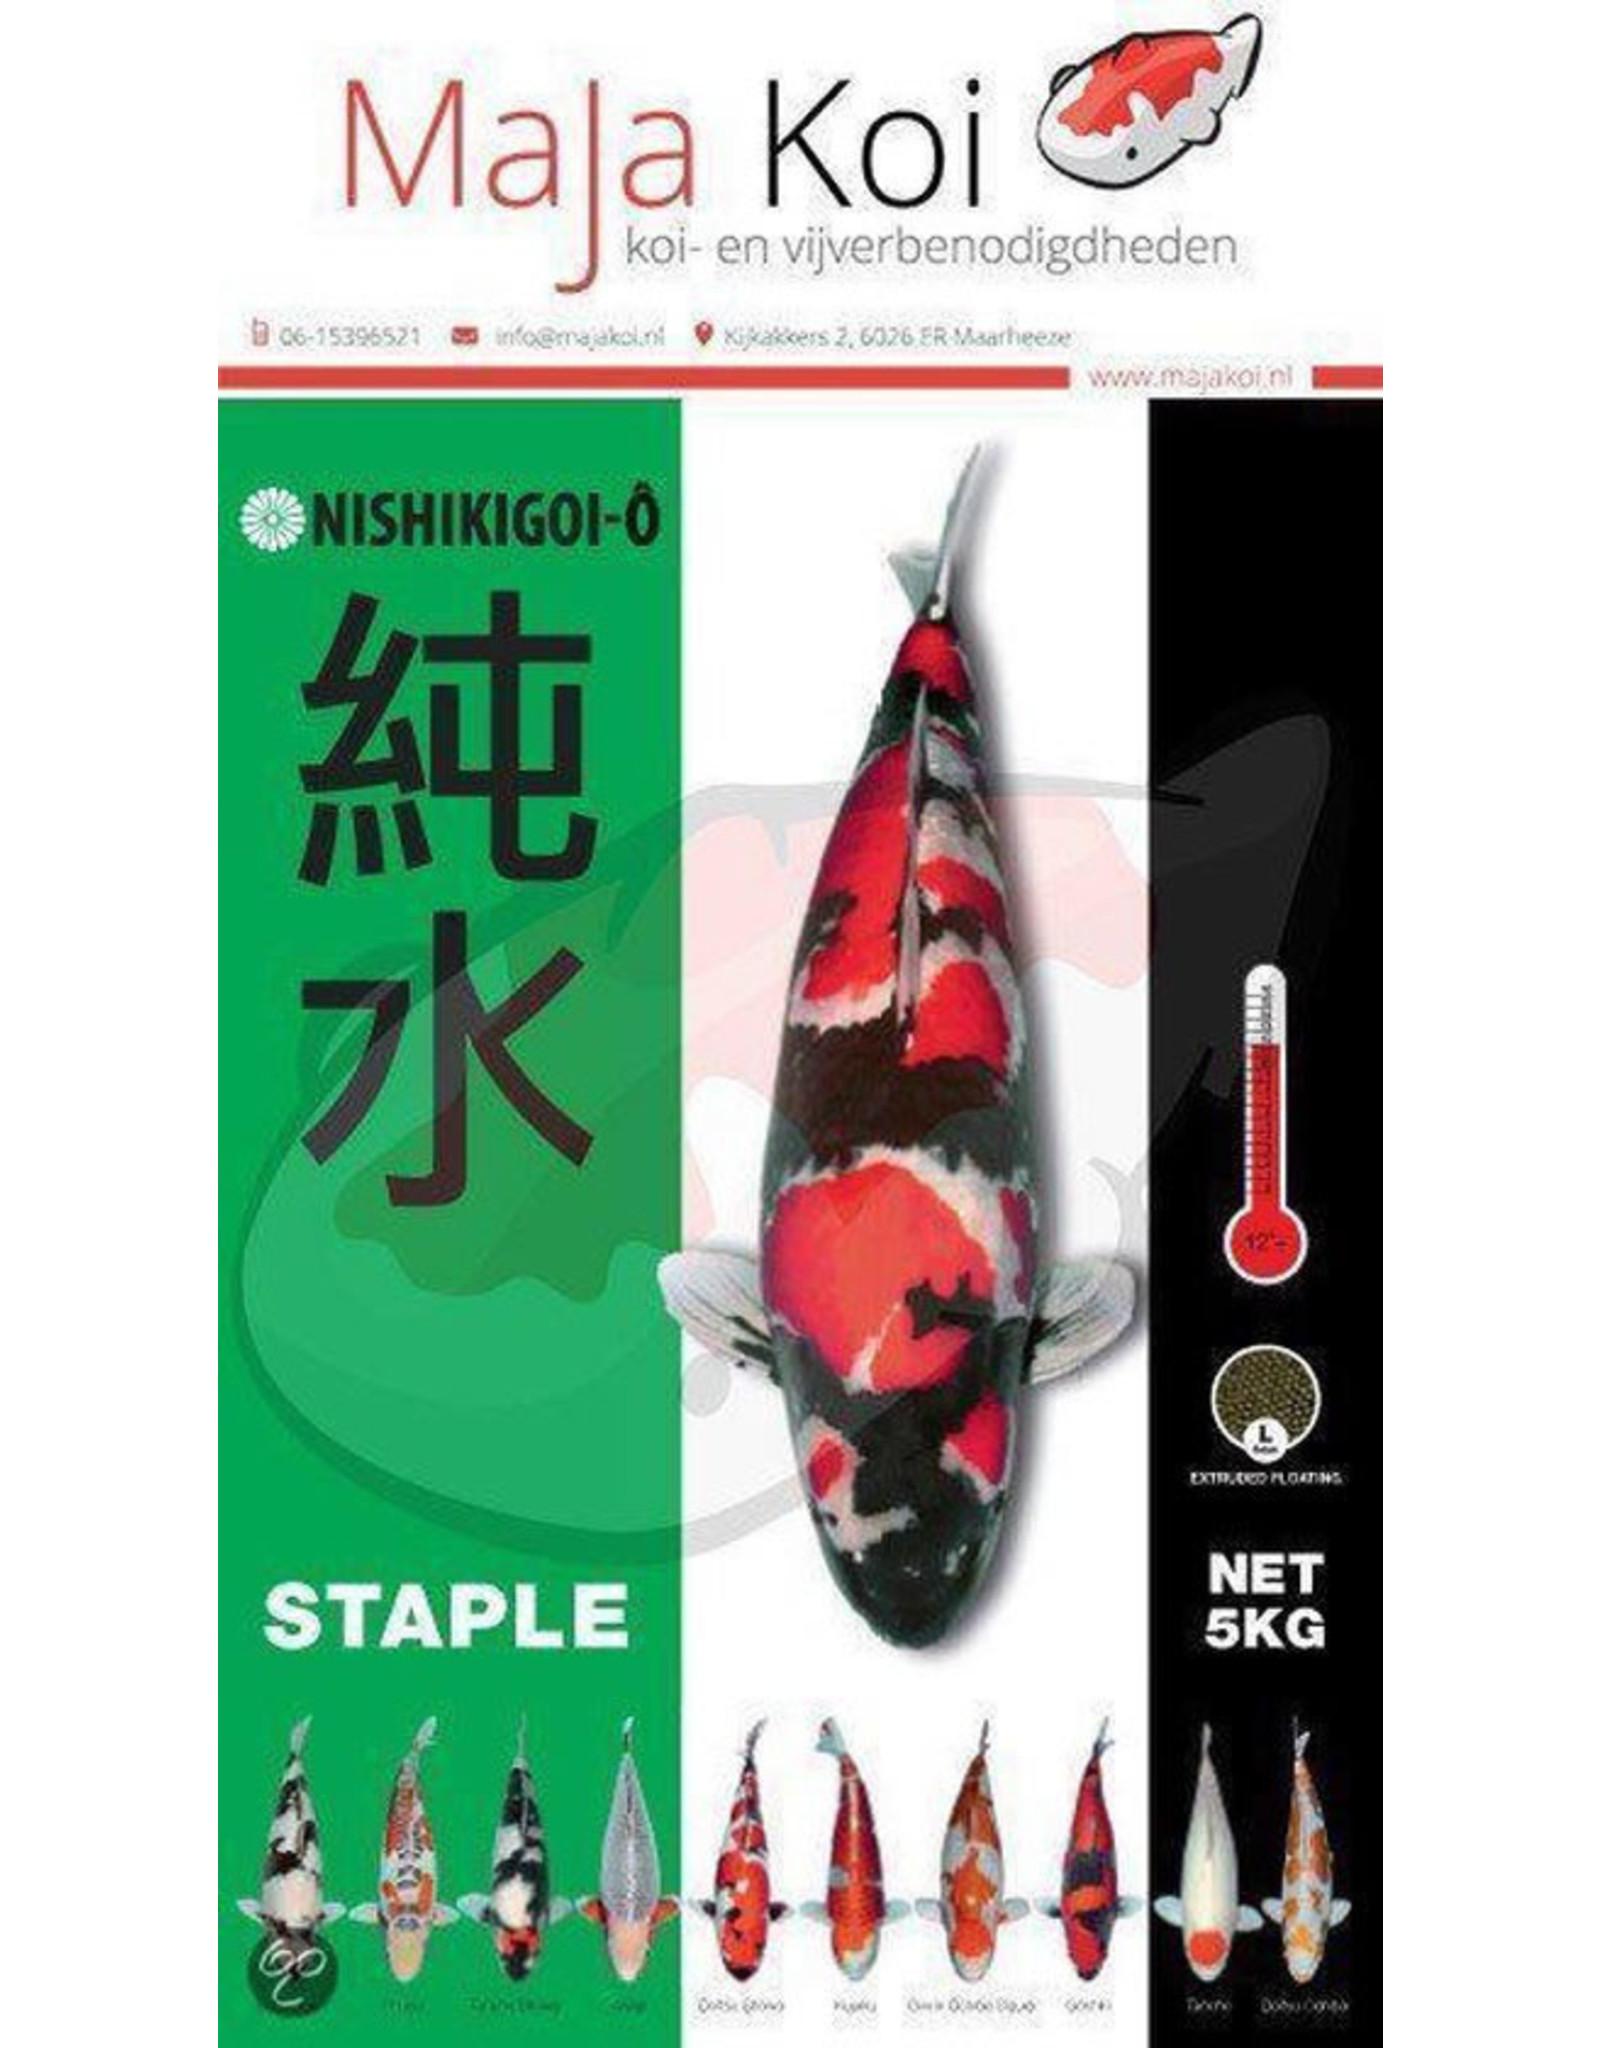 Nishikigoi Nishikigoi-Ô Staple Koi food